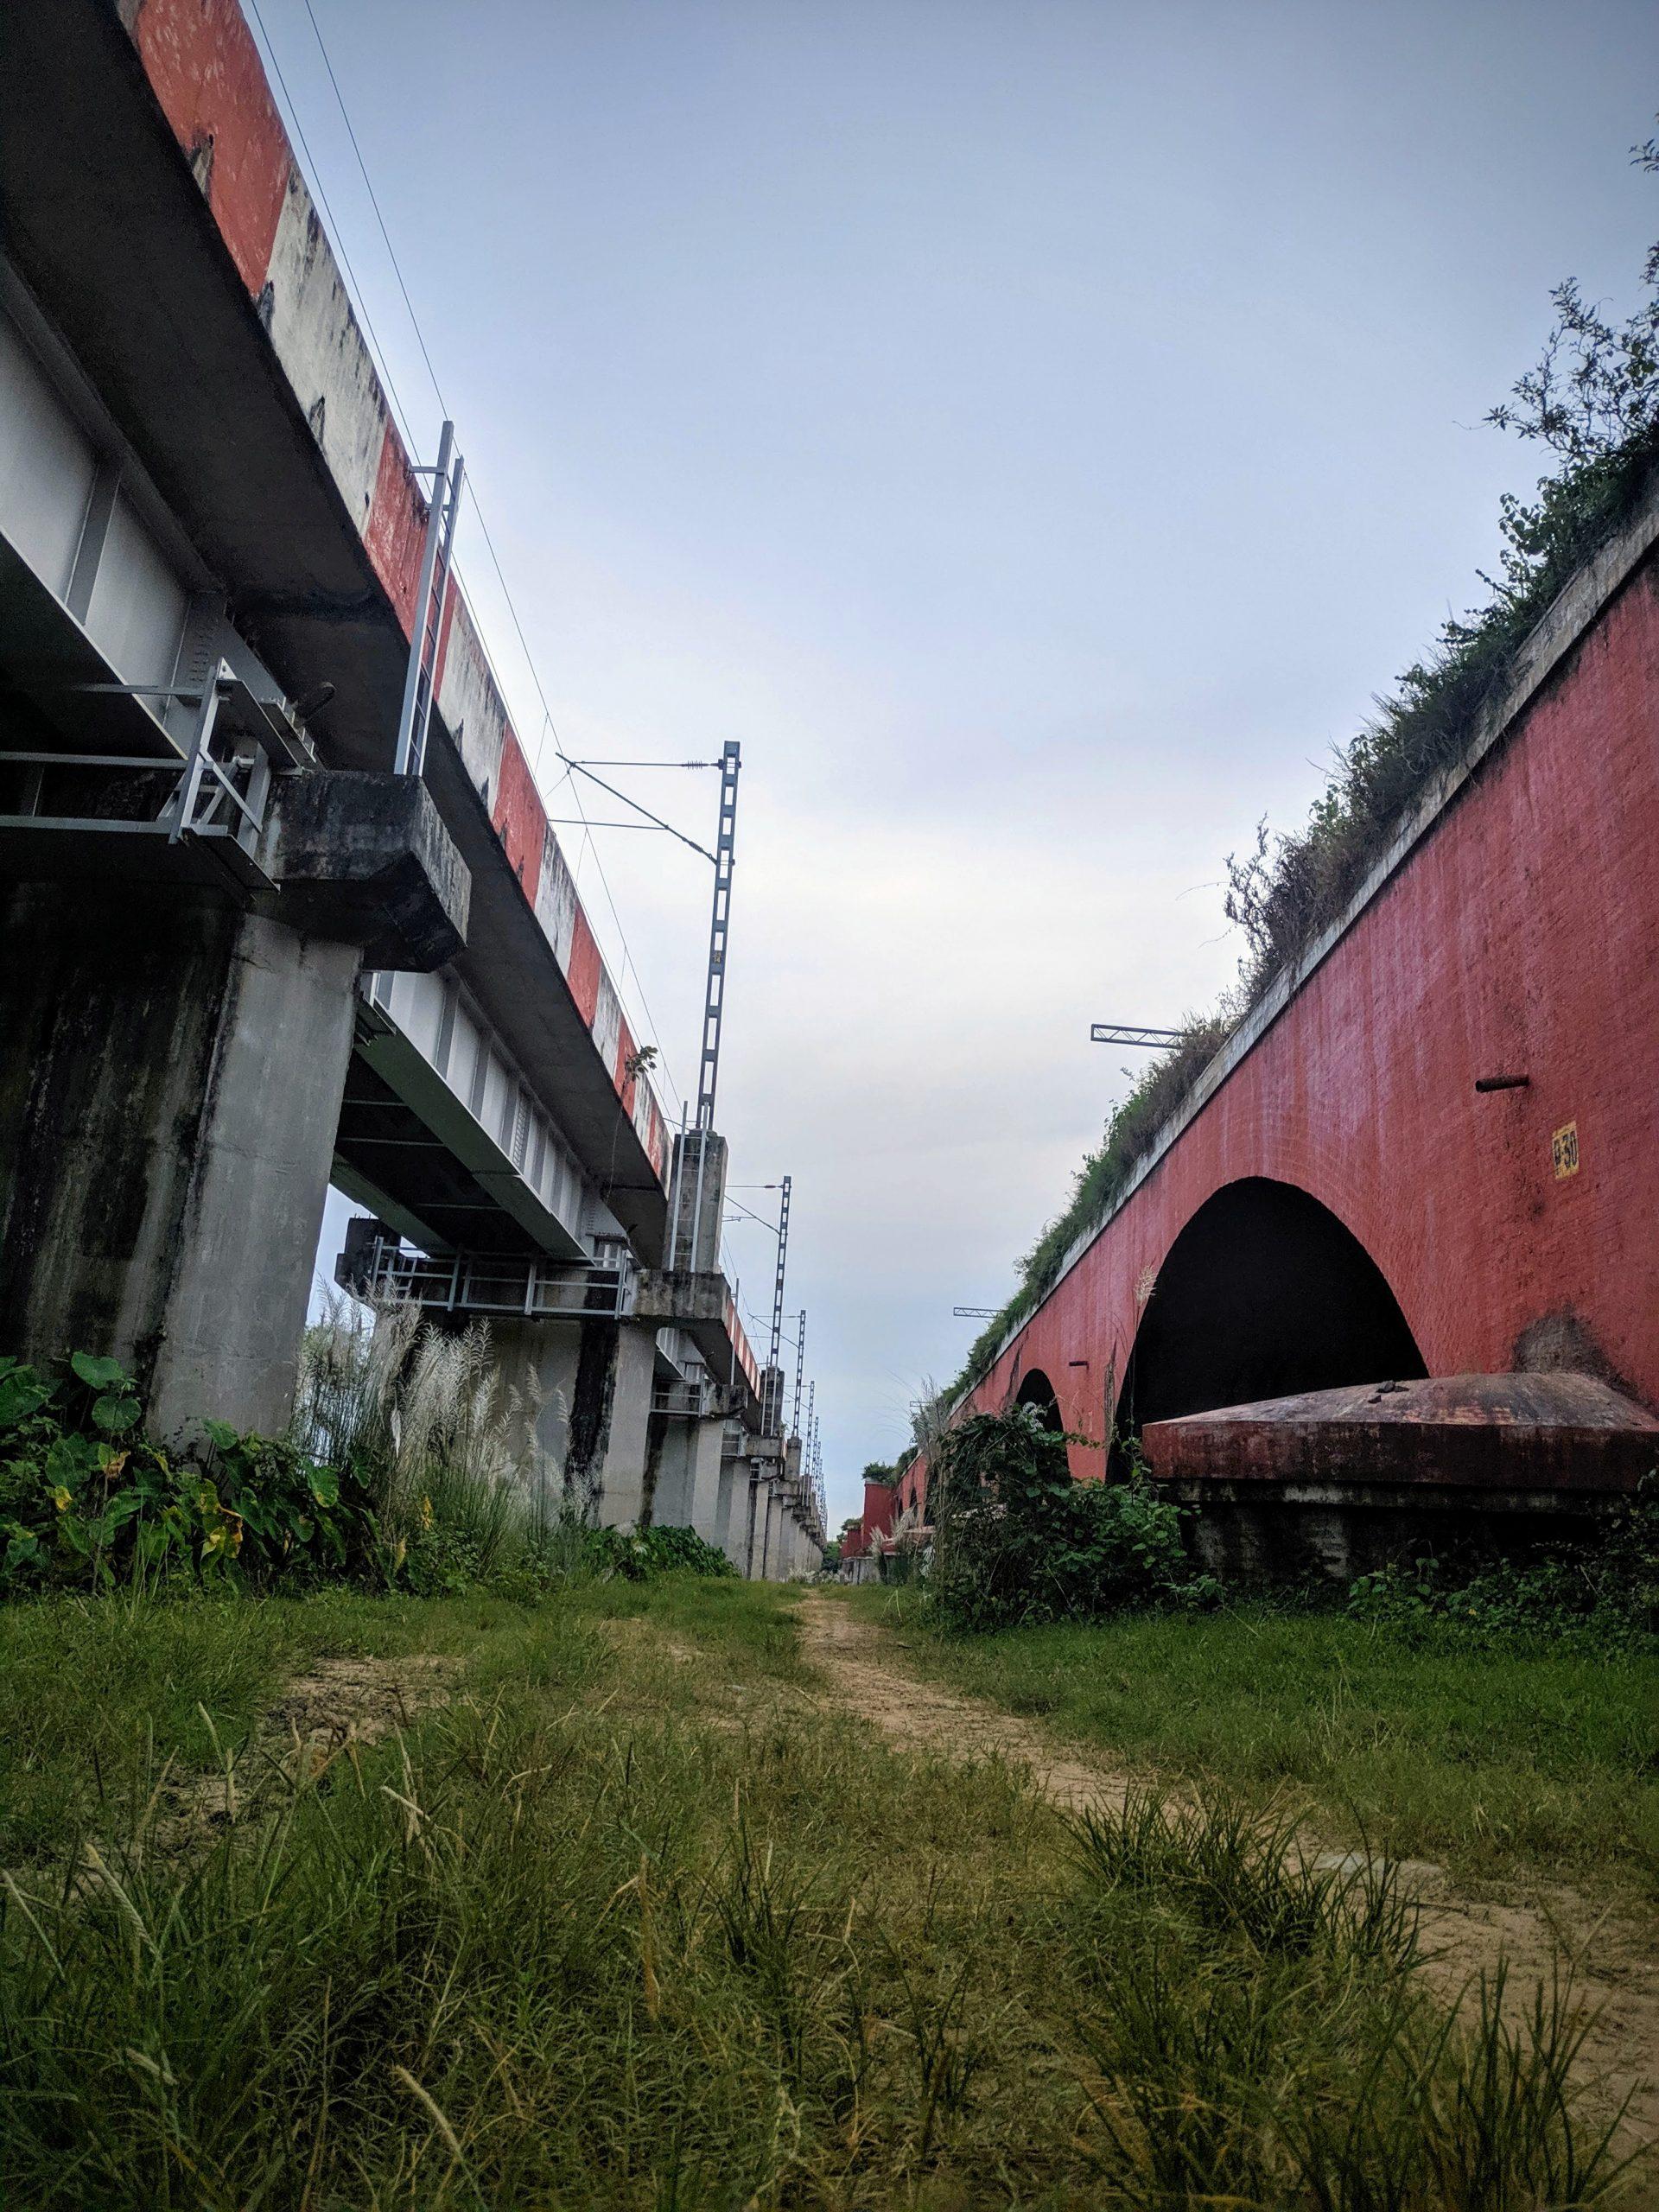 Two railway bridges